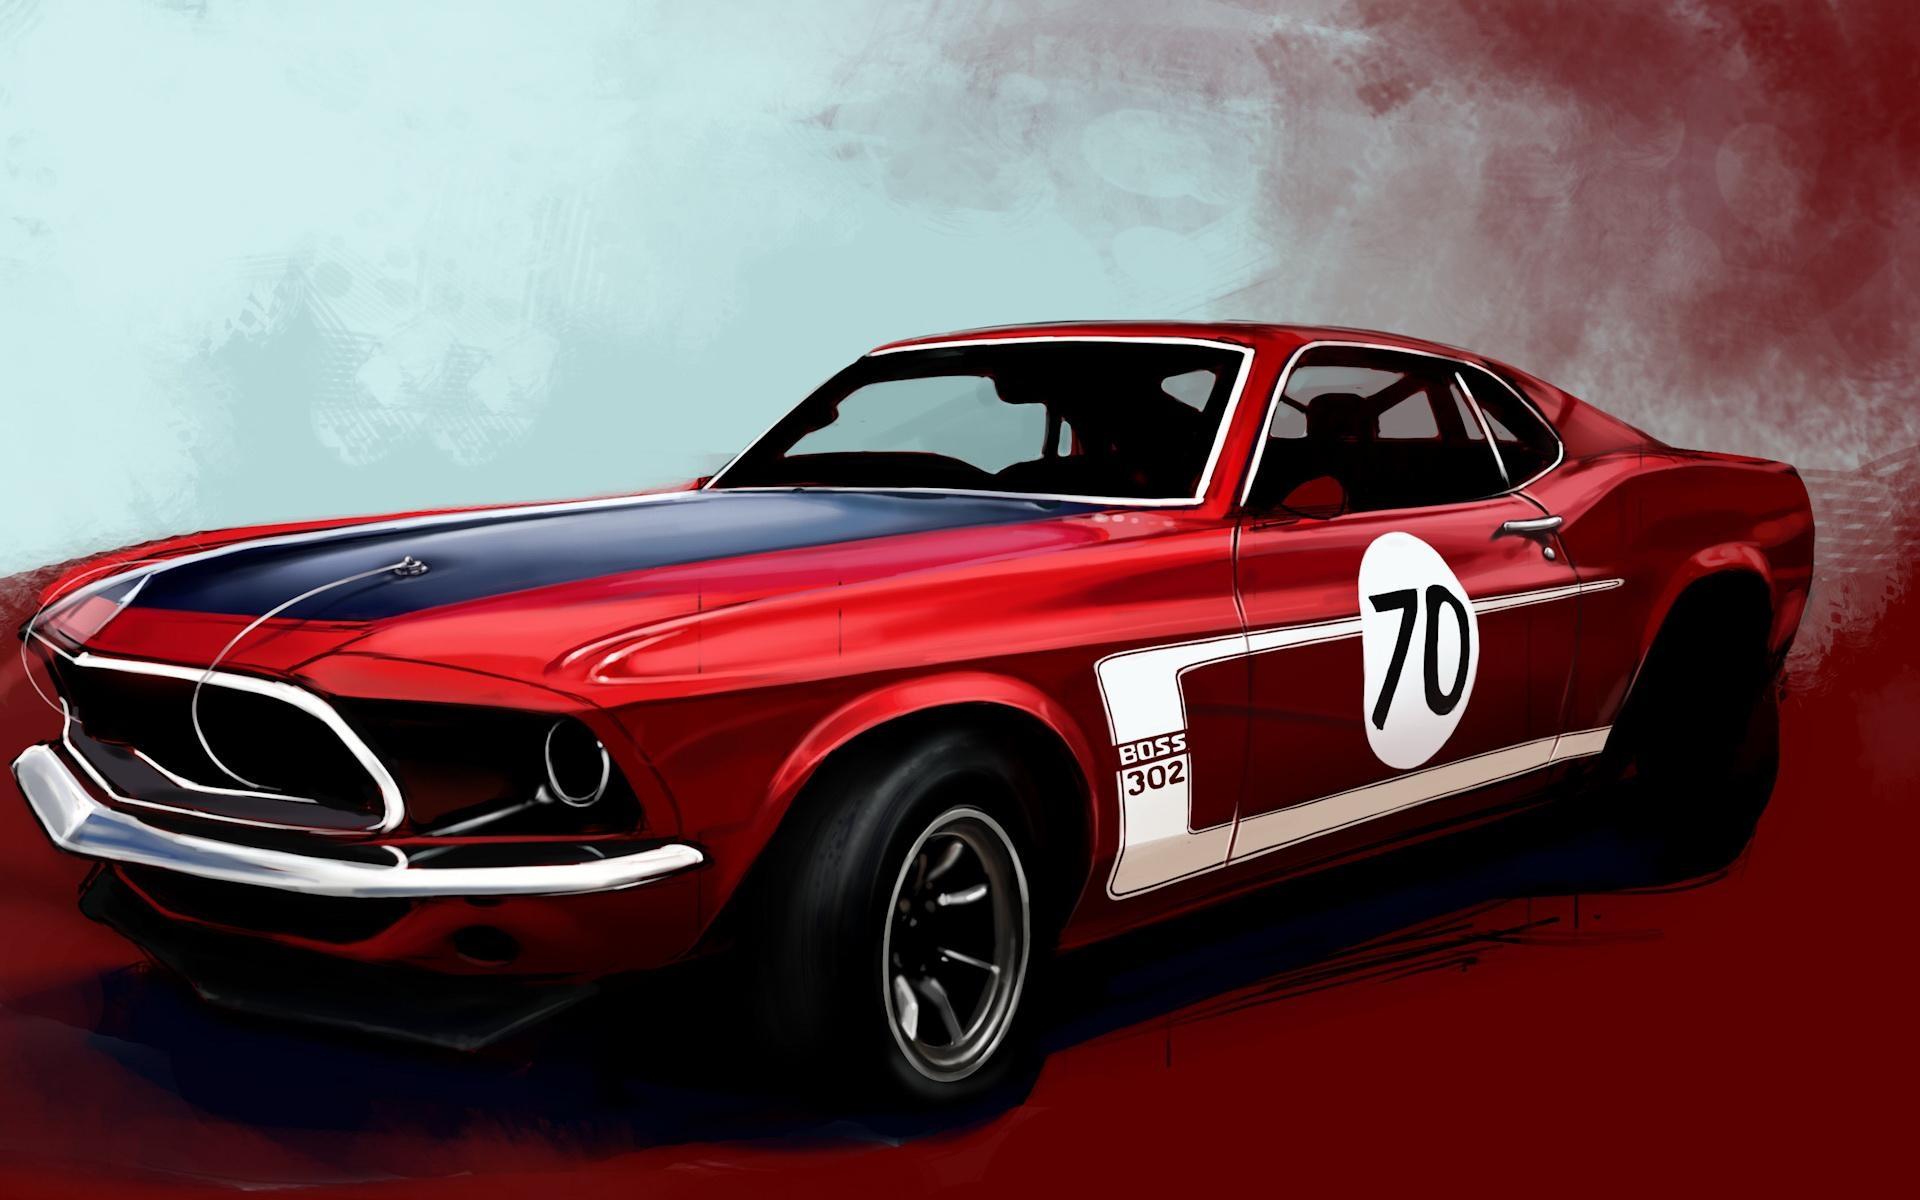 Ford Mustang гоночный красный тюнинг скачать